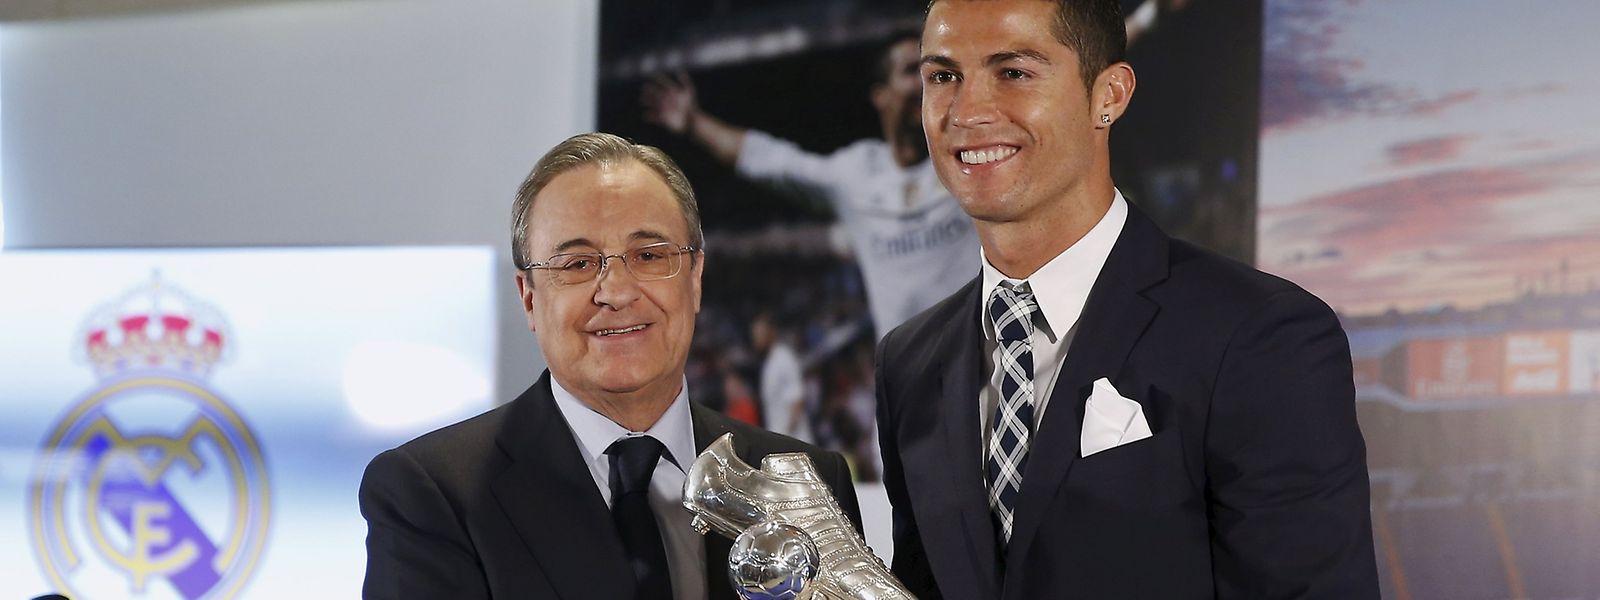 Cristiano Ronaldo recebeu das mãos de Florentino Perez, presidente do Real Madrid, o troféu de melhor marcador da história do clube